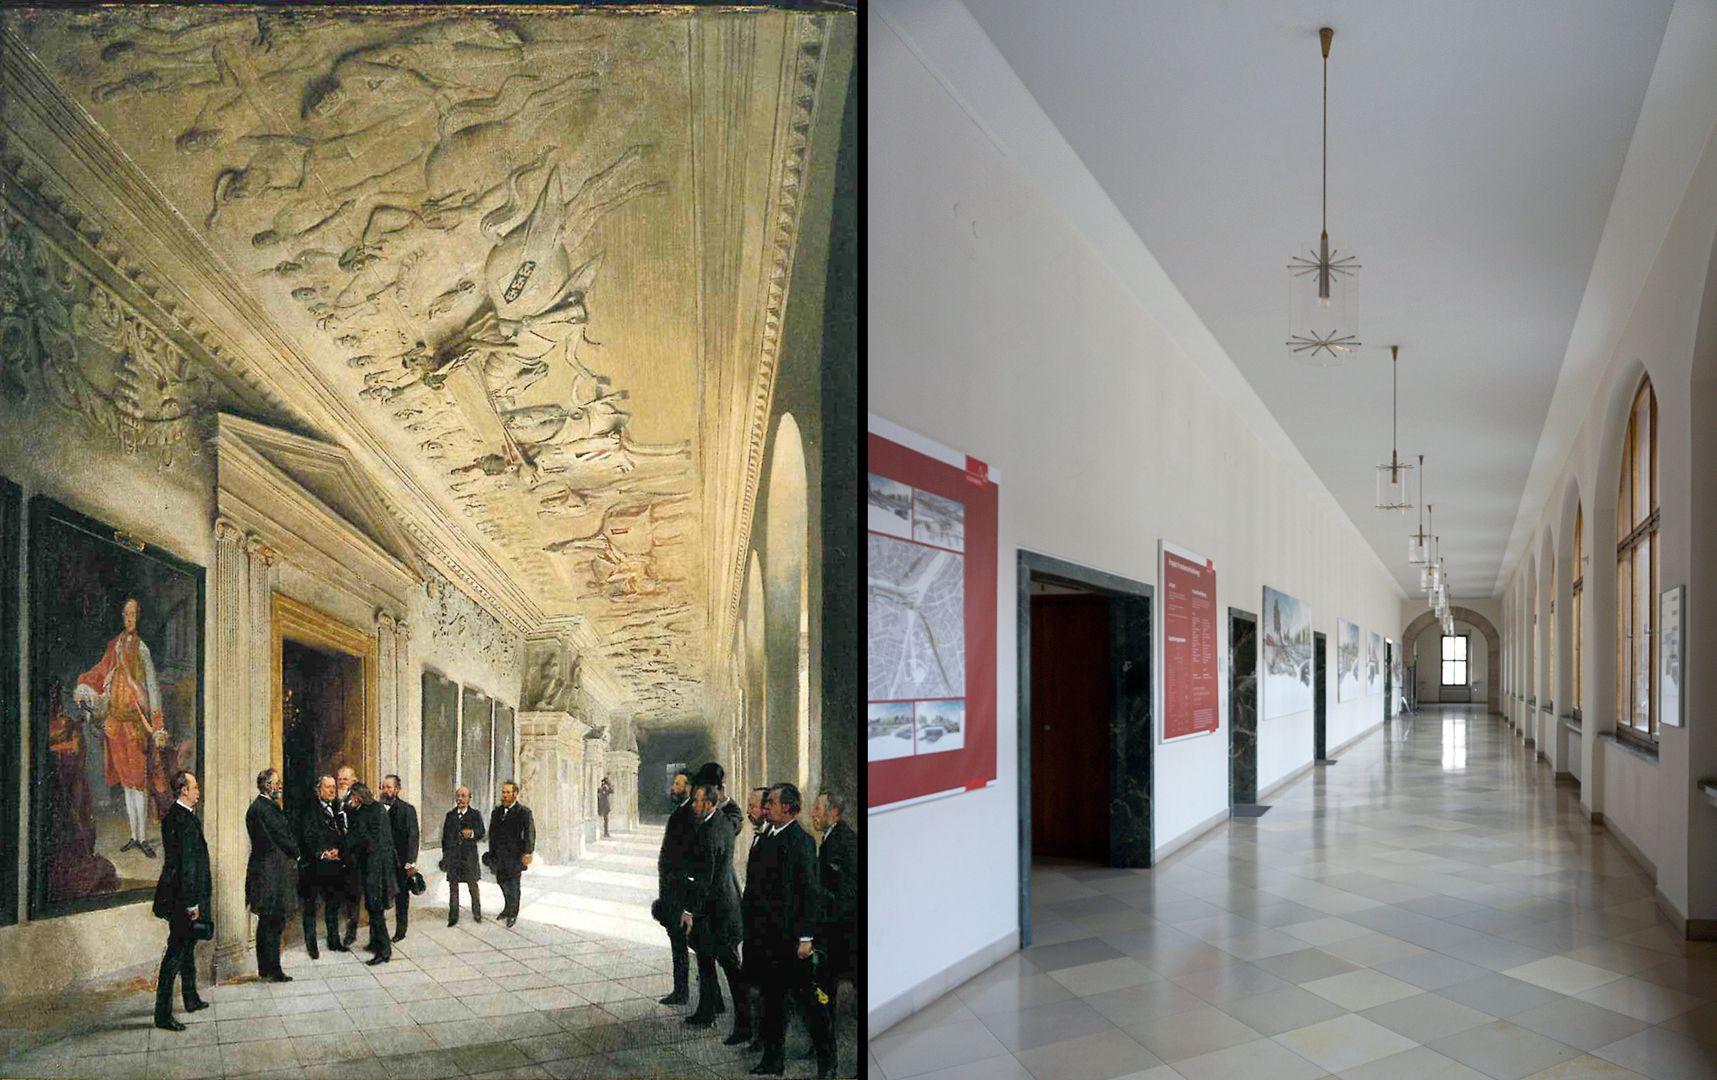 Gesellenstechen links: Gemälde von Paul Ritter von 1888 / rechts: gleiche Stelle im Jahre 2021